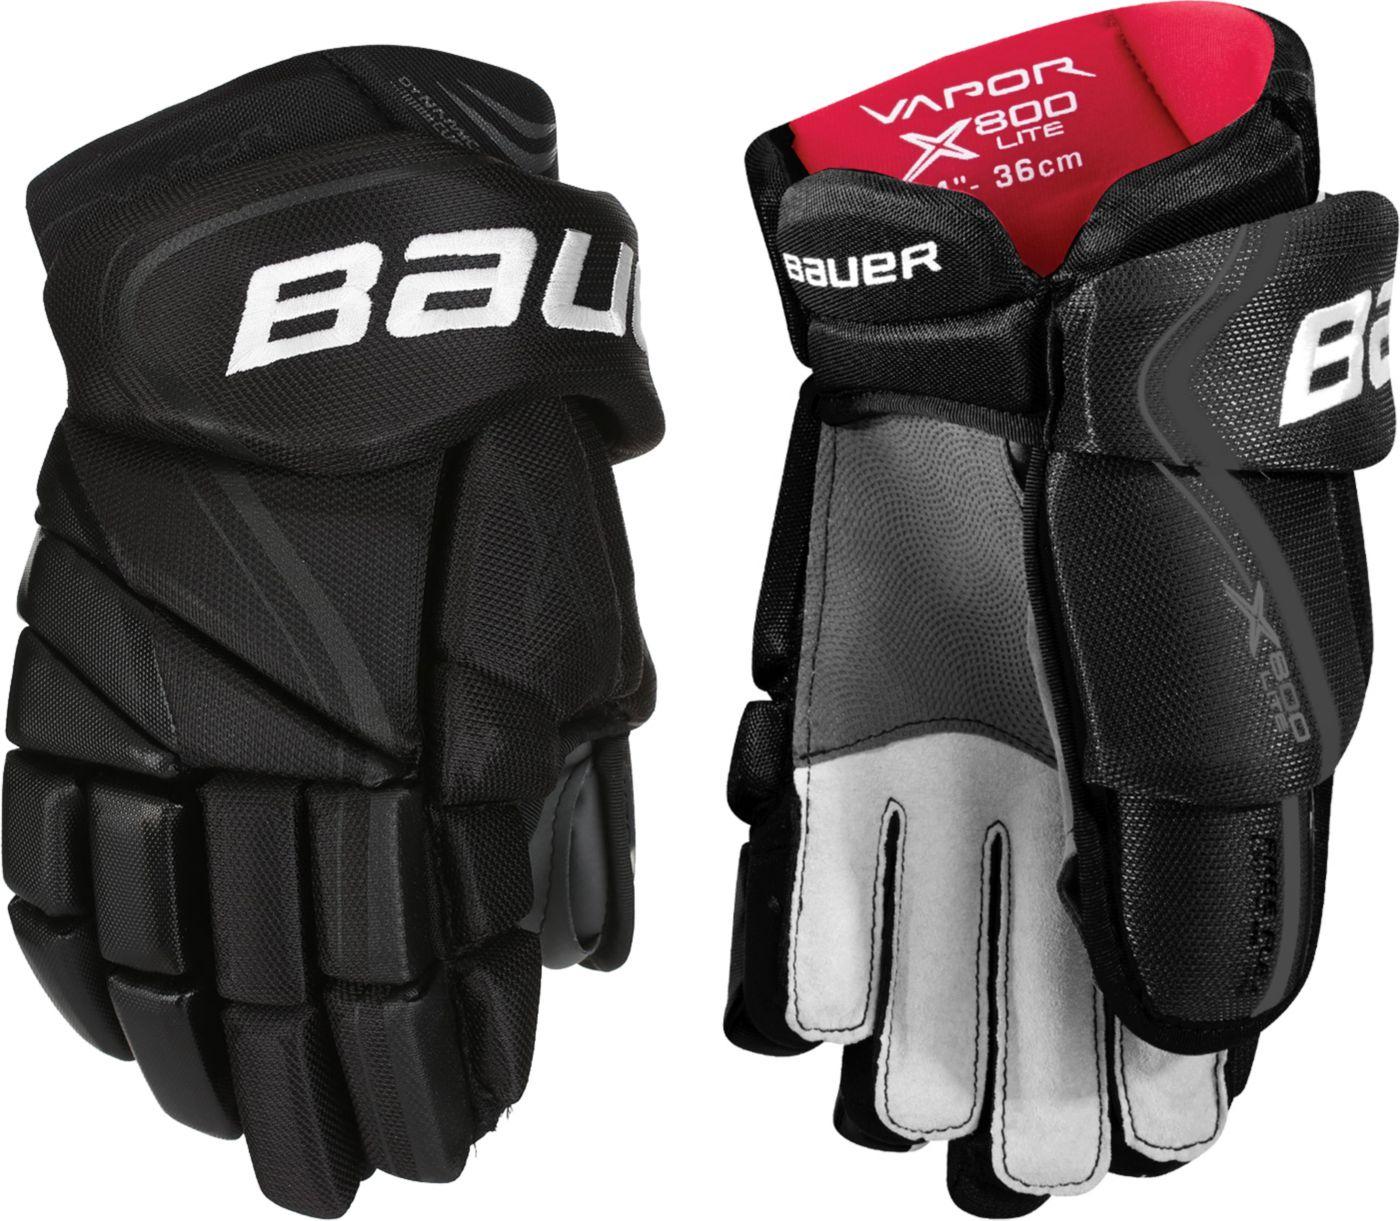 Bauer Senior Vapor X800 LITE Ice Hockey Gloves